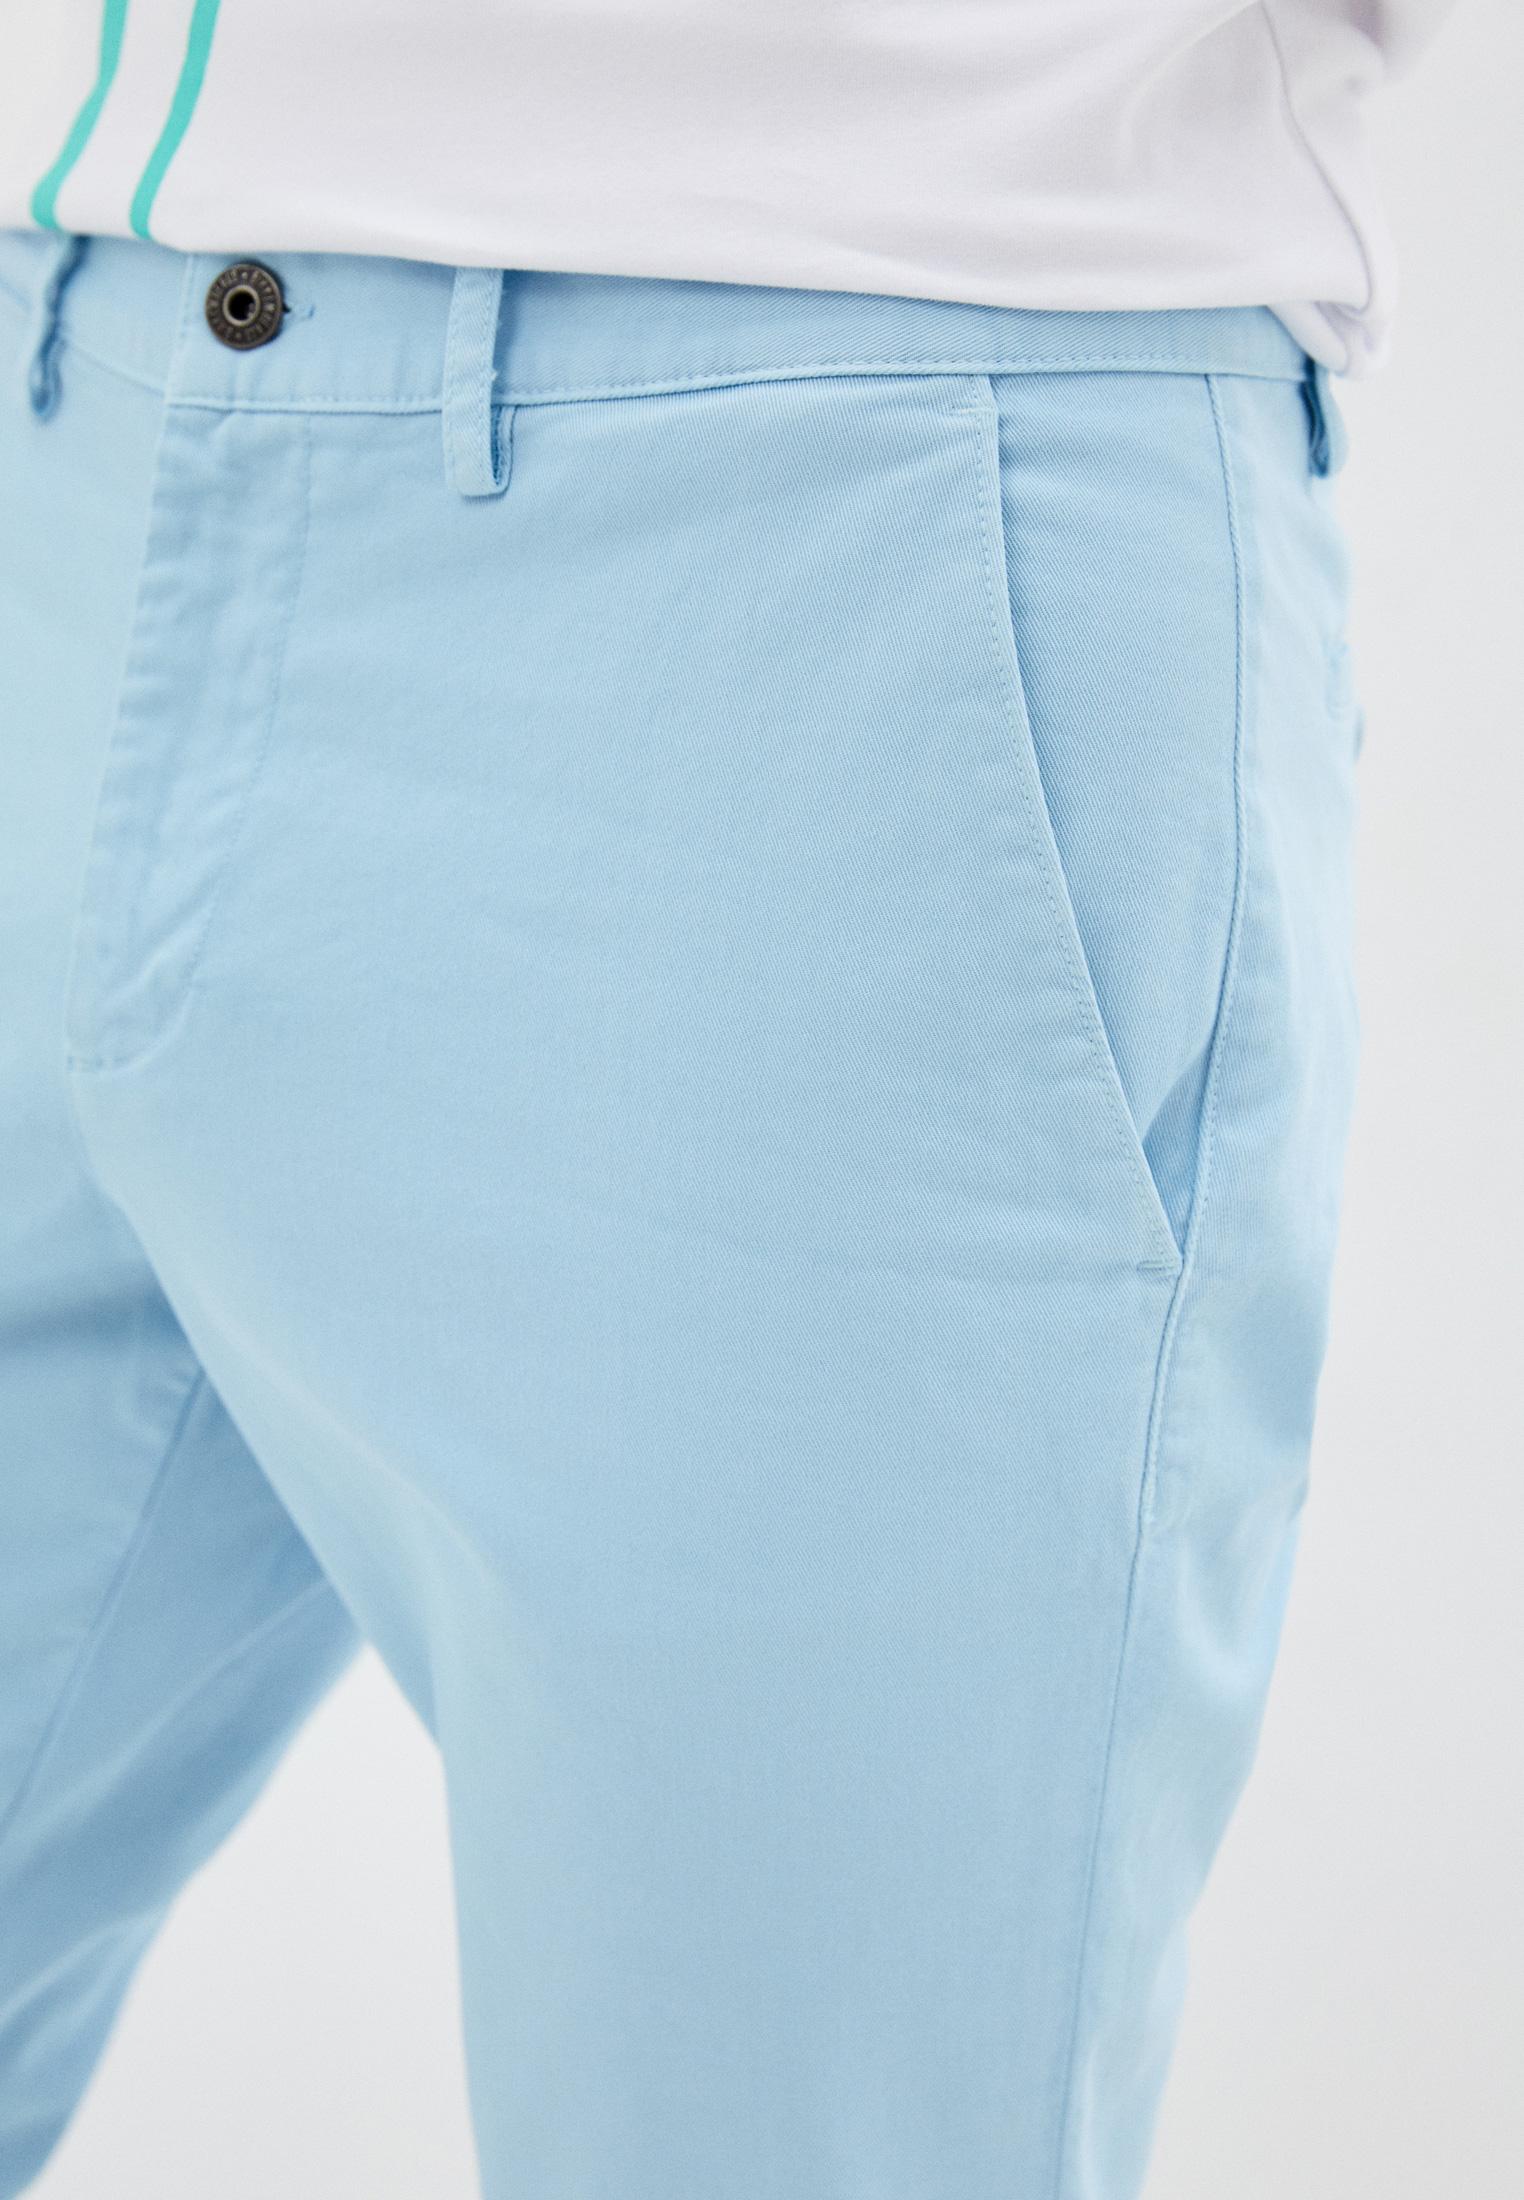 Мужские повседневные брюки Bikkembergs (Биккембергс) C P 001 01 S 3394: изображение 4